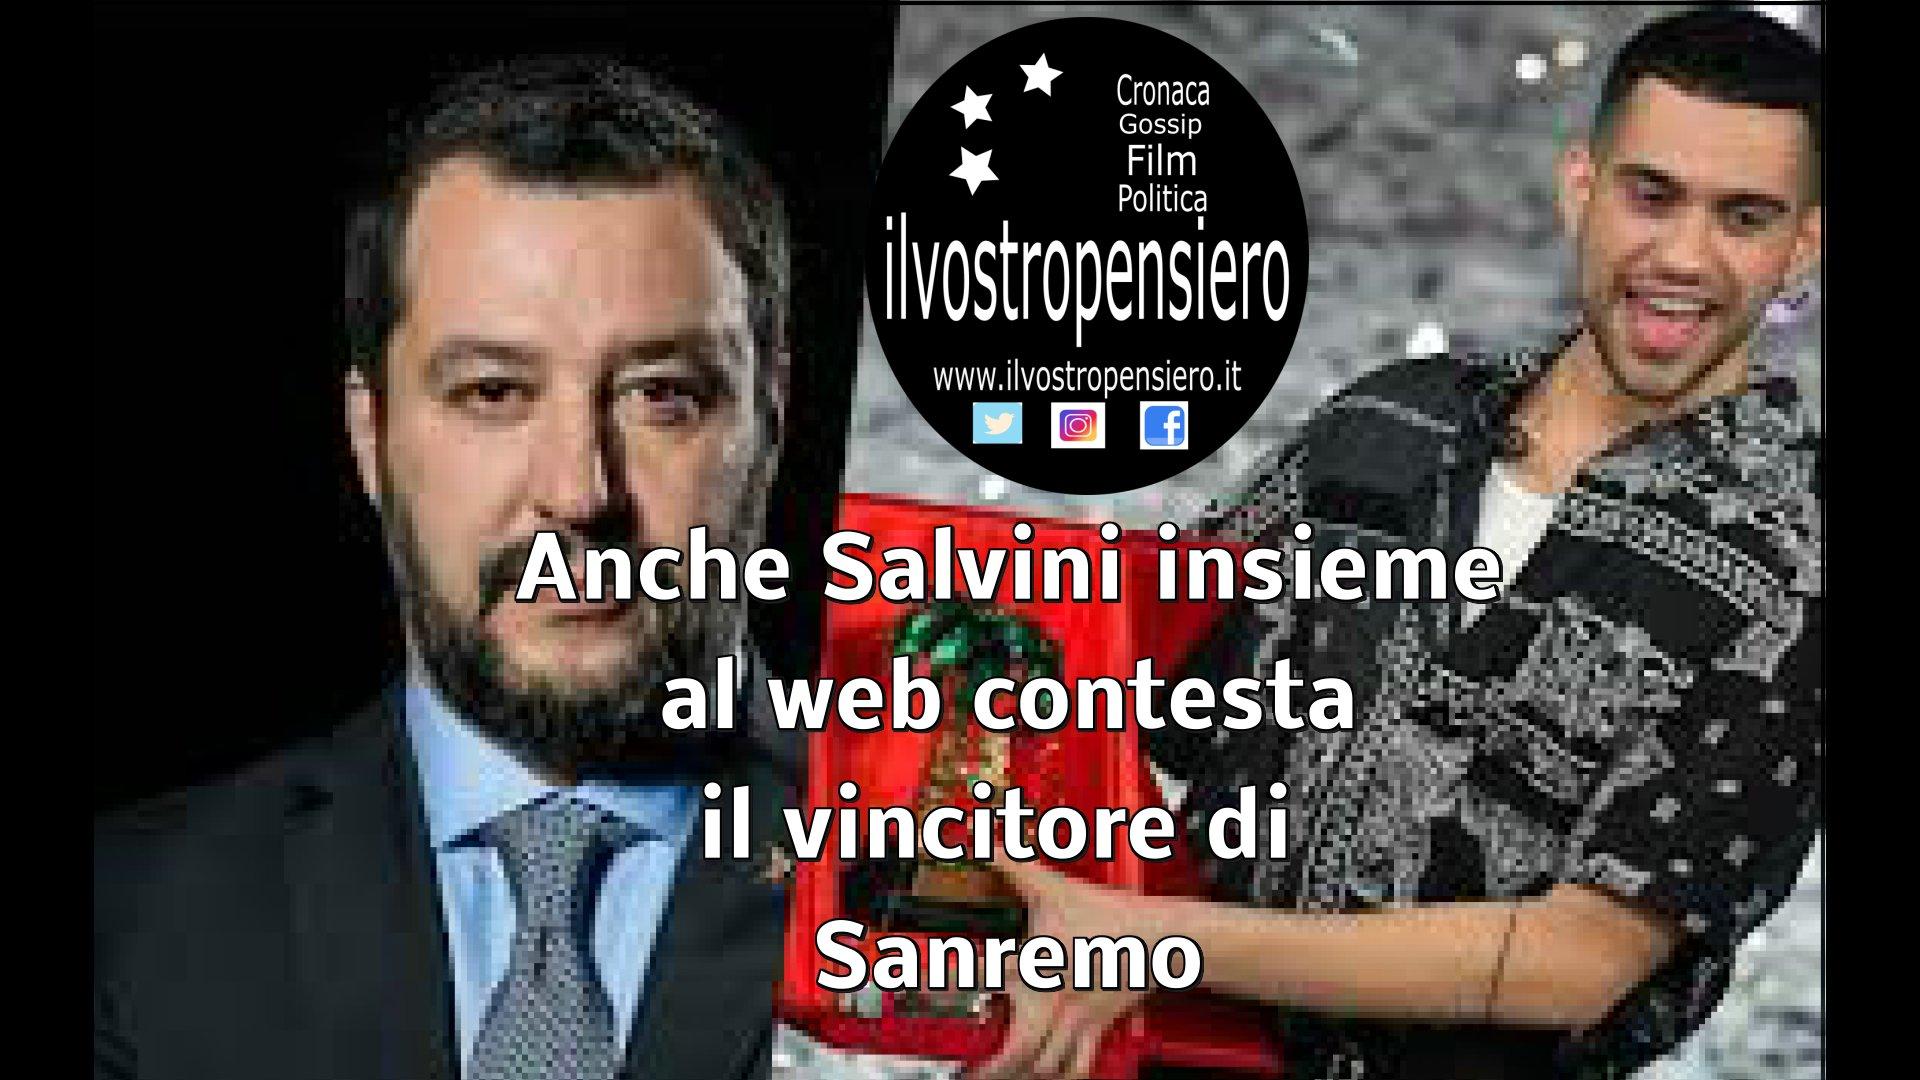 Il web si scatena sul vincitore del Festival di Sanremo Mahmood,anche Salvini